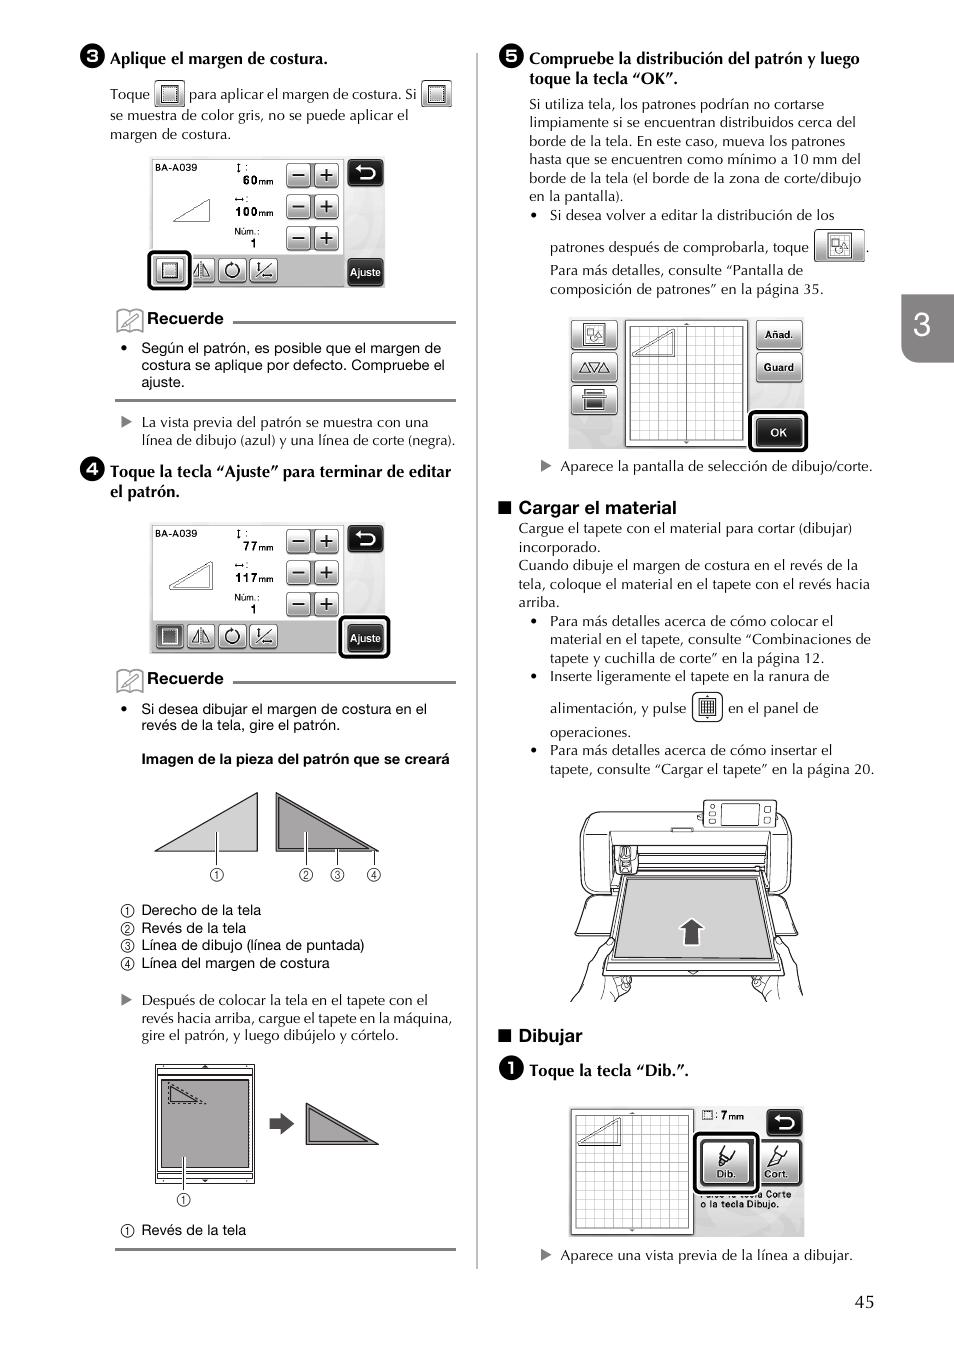 Brother CM840 Manual del usuario | Página 47 / 70 | También para: CM600